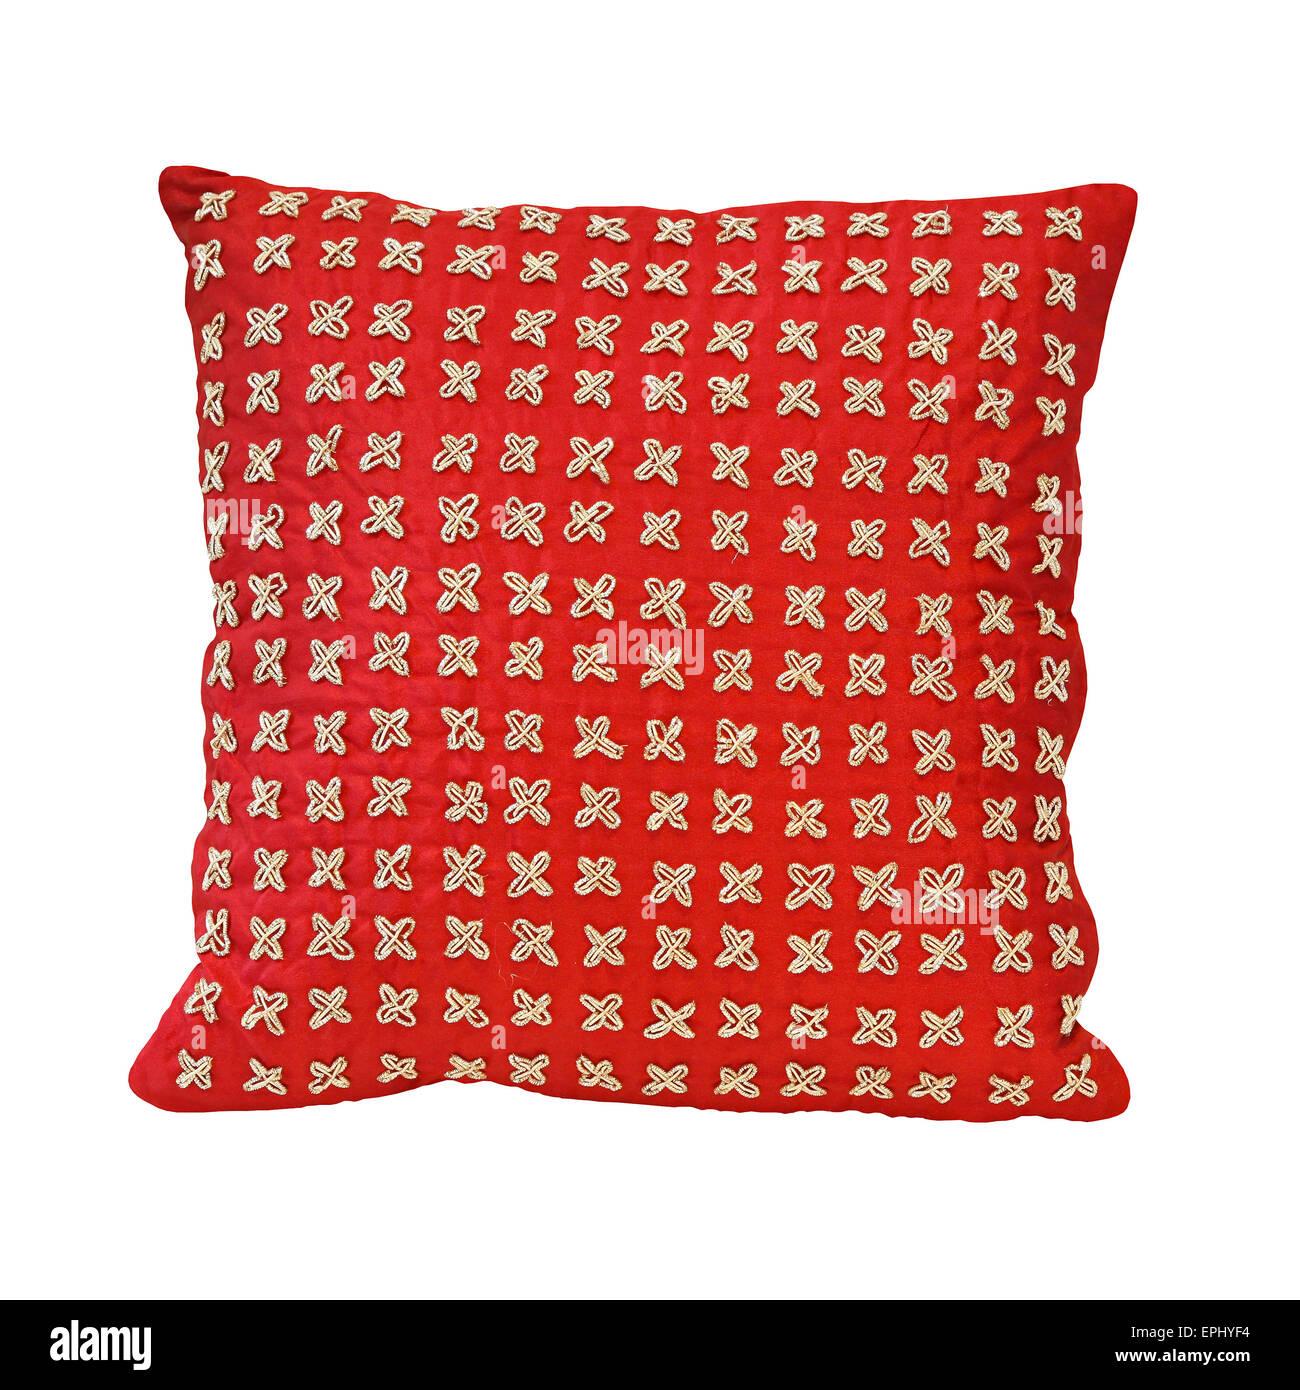 Pillow - Stock Image